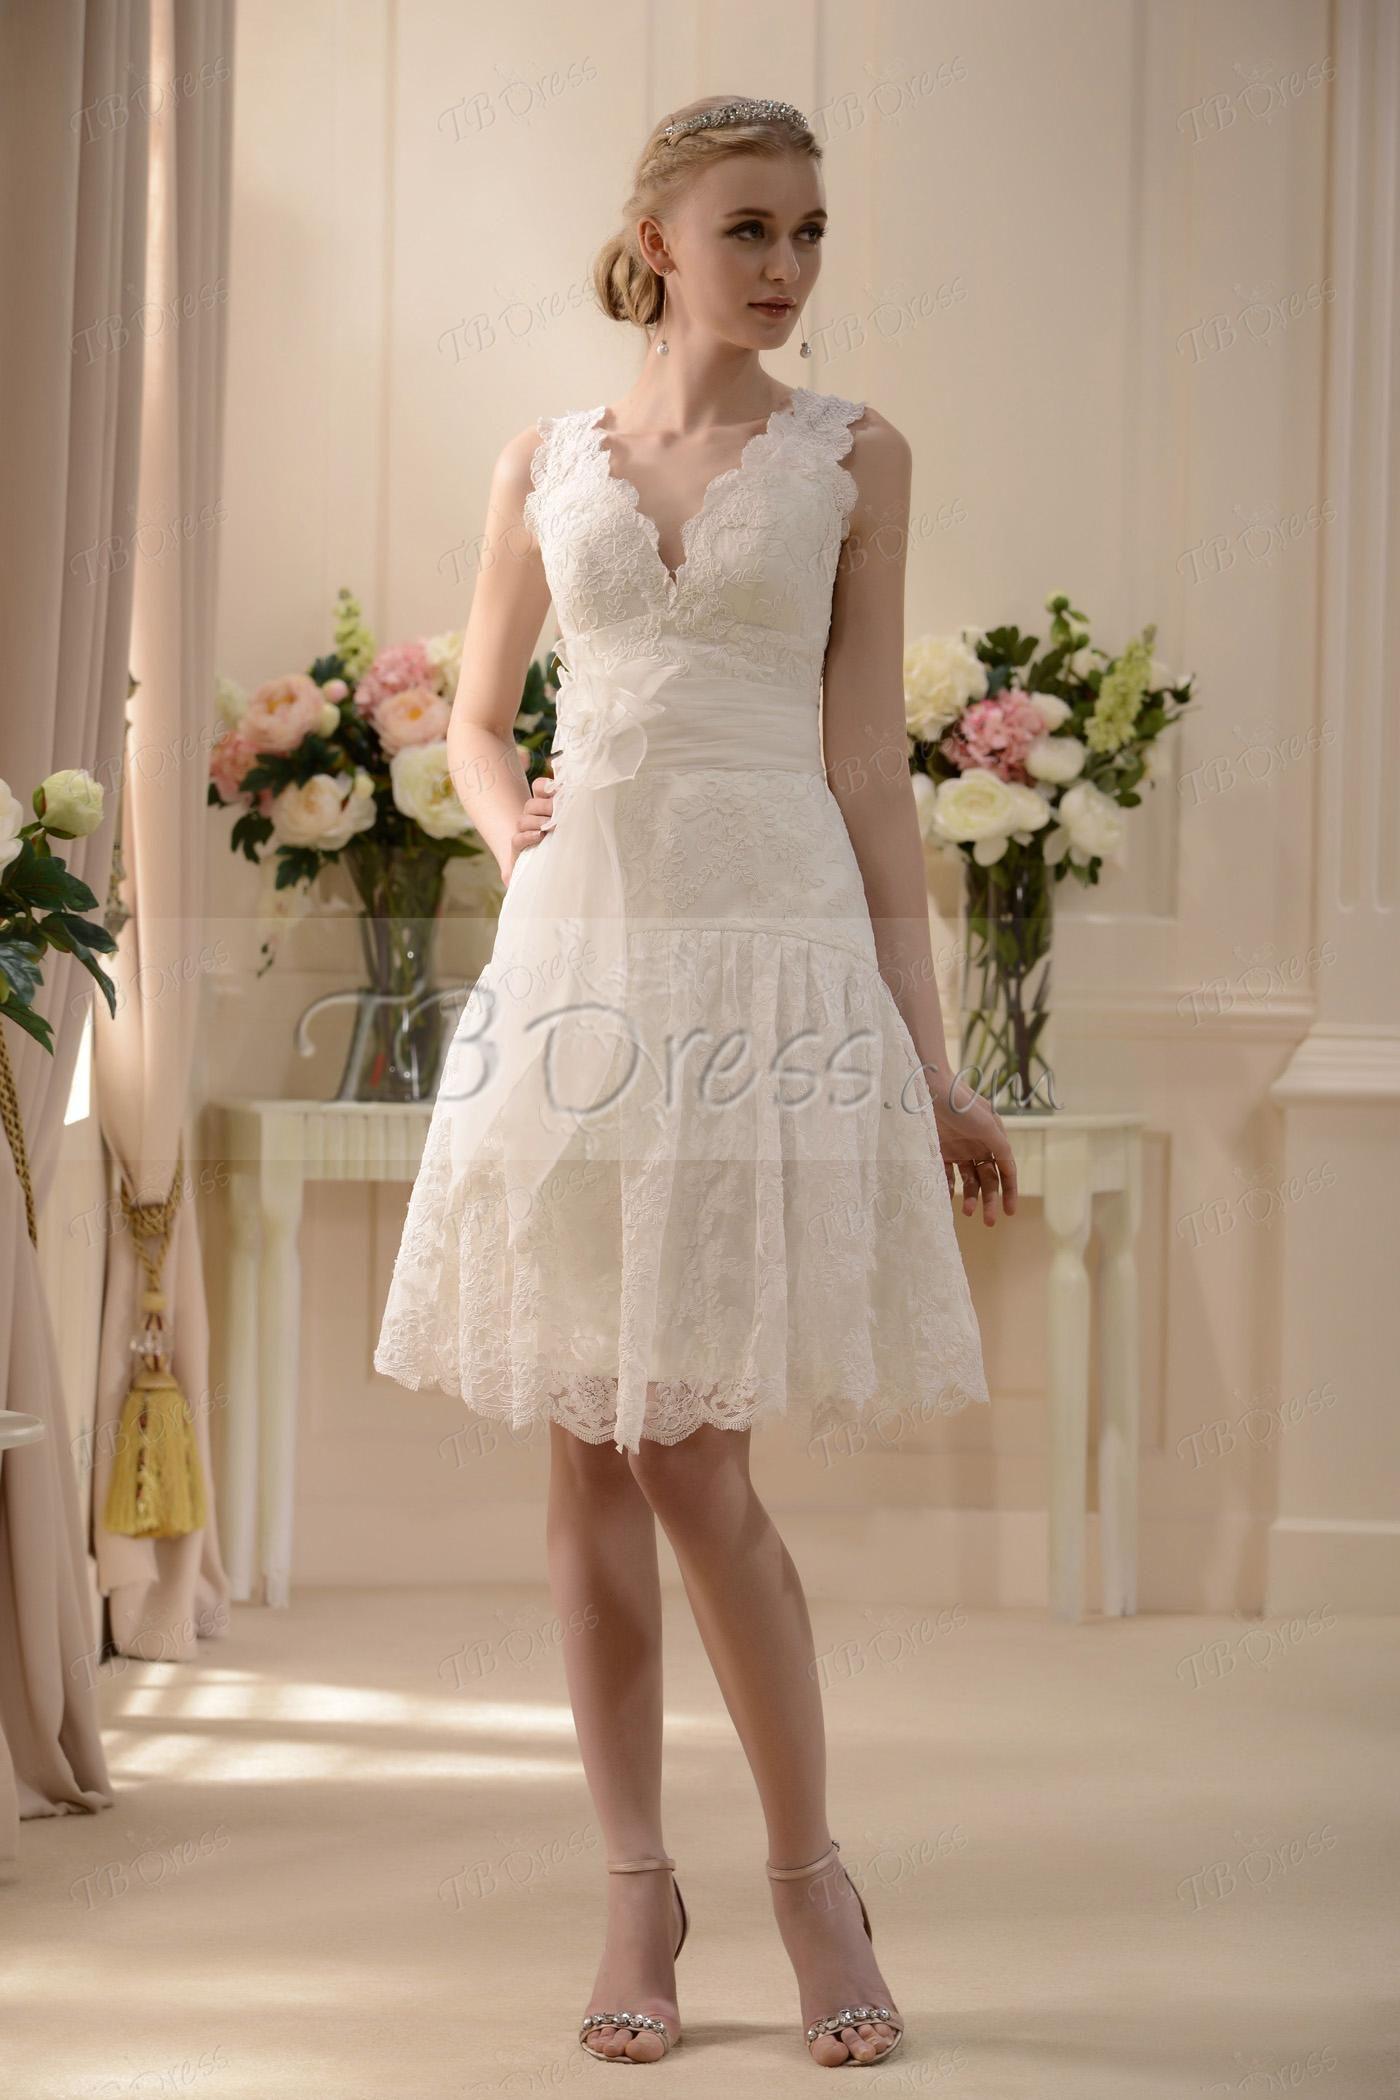 Lace v neck wedding dress  VNeck KneeLength Sash Lace Short Wedding Dress  Lace wedding